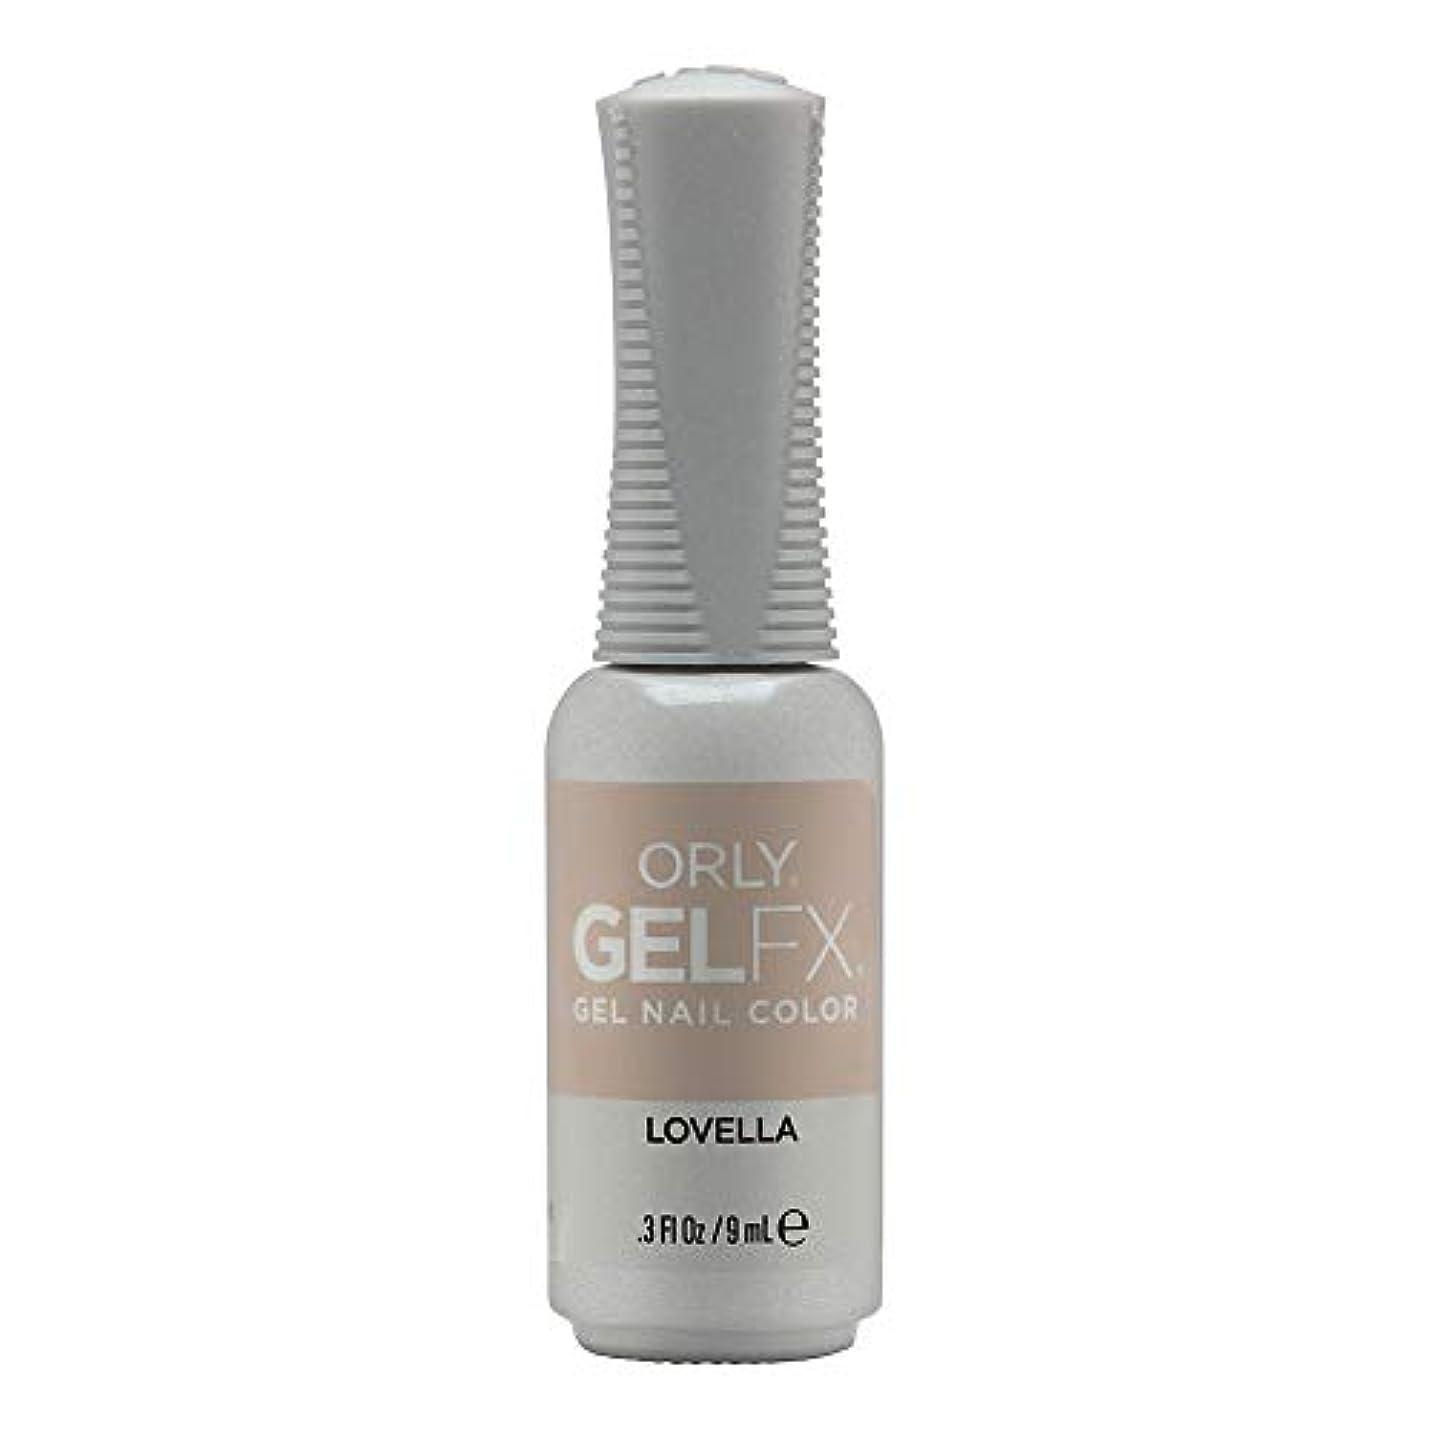 再び印をつけるアセORLY Gel FX - Radical Optimism 2019 Collection - Lovella - 0.3 oz / 9 mL